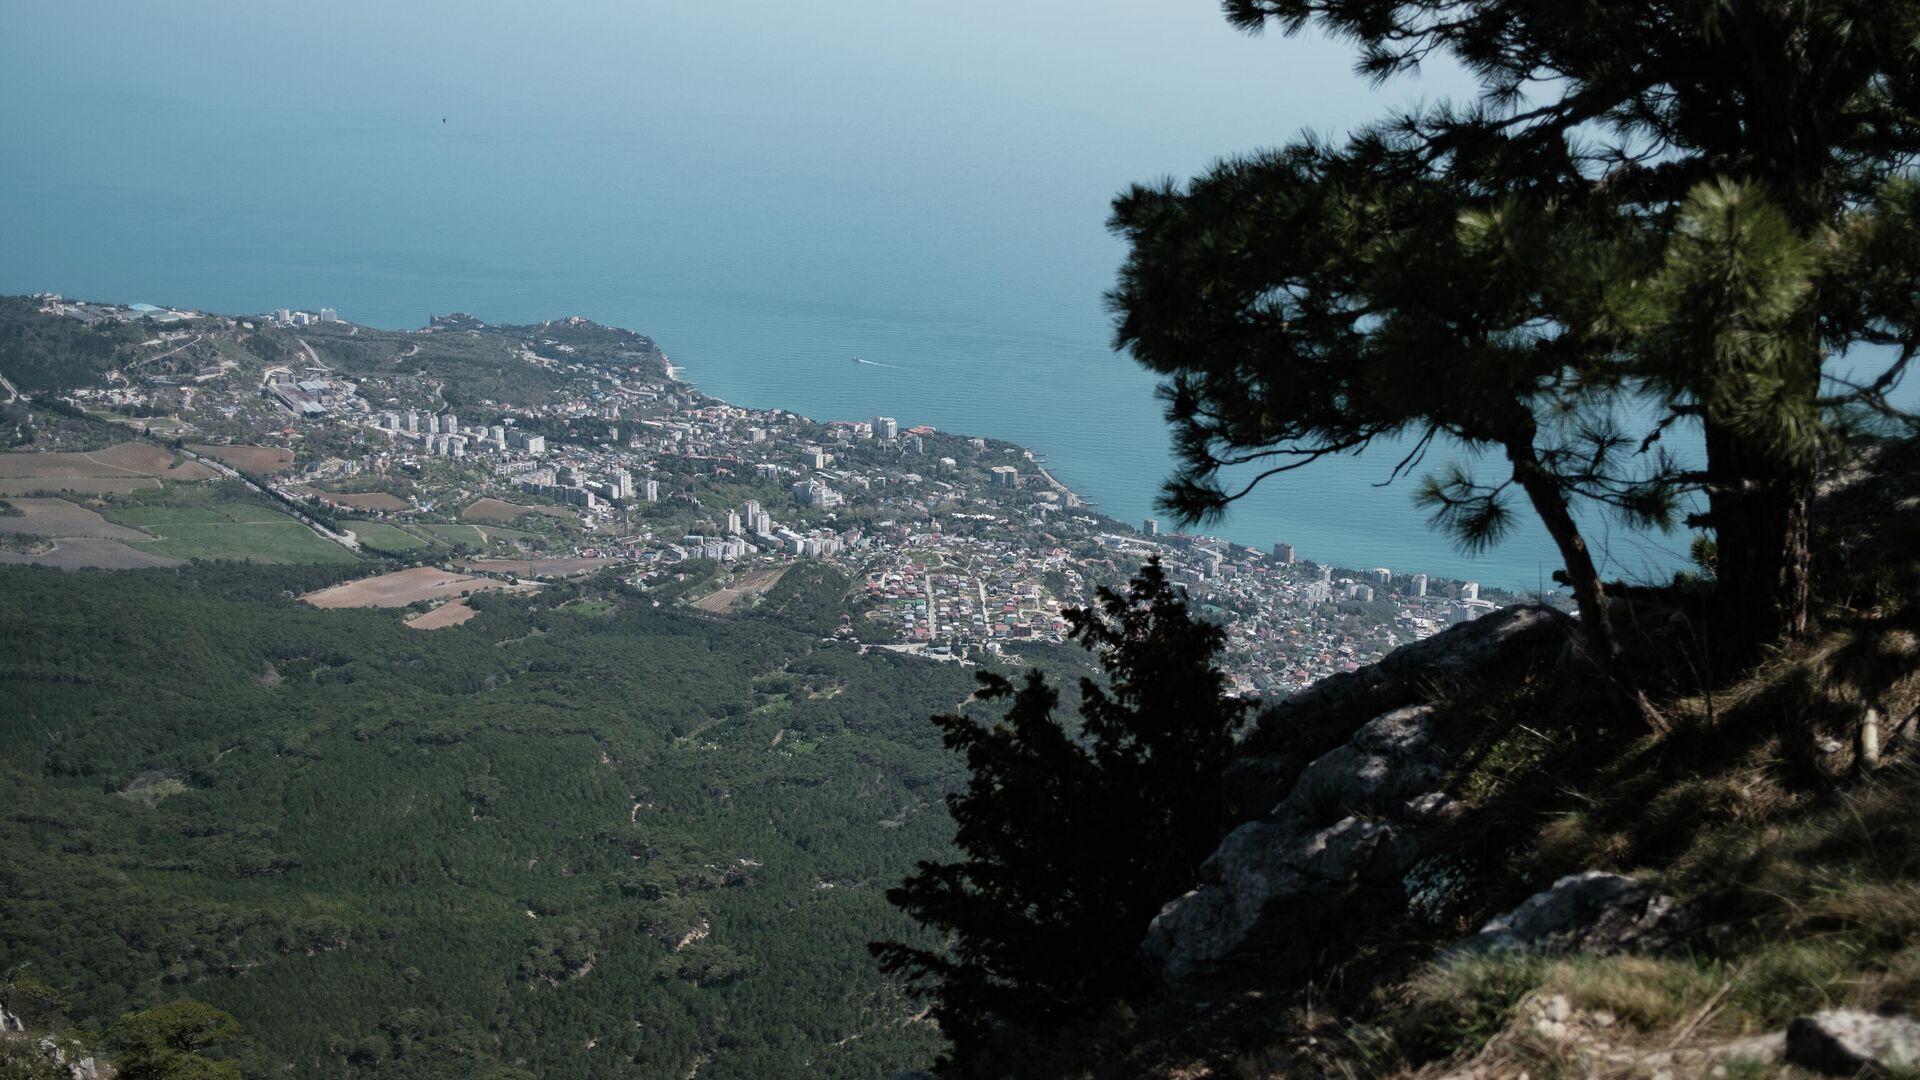 Вид на побережье Черного моря с вершины горы Ай-Петри в Крыму - РИА Новости, 1920, 03.10.2021